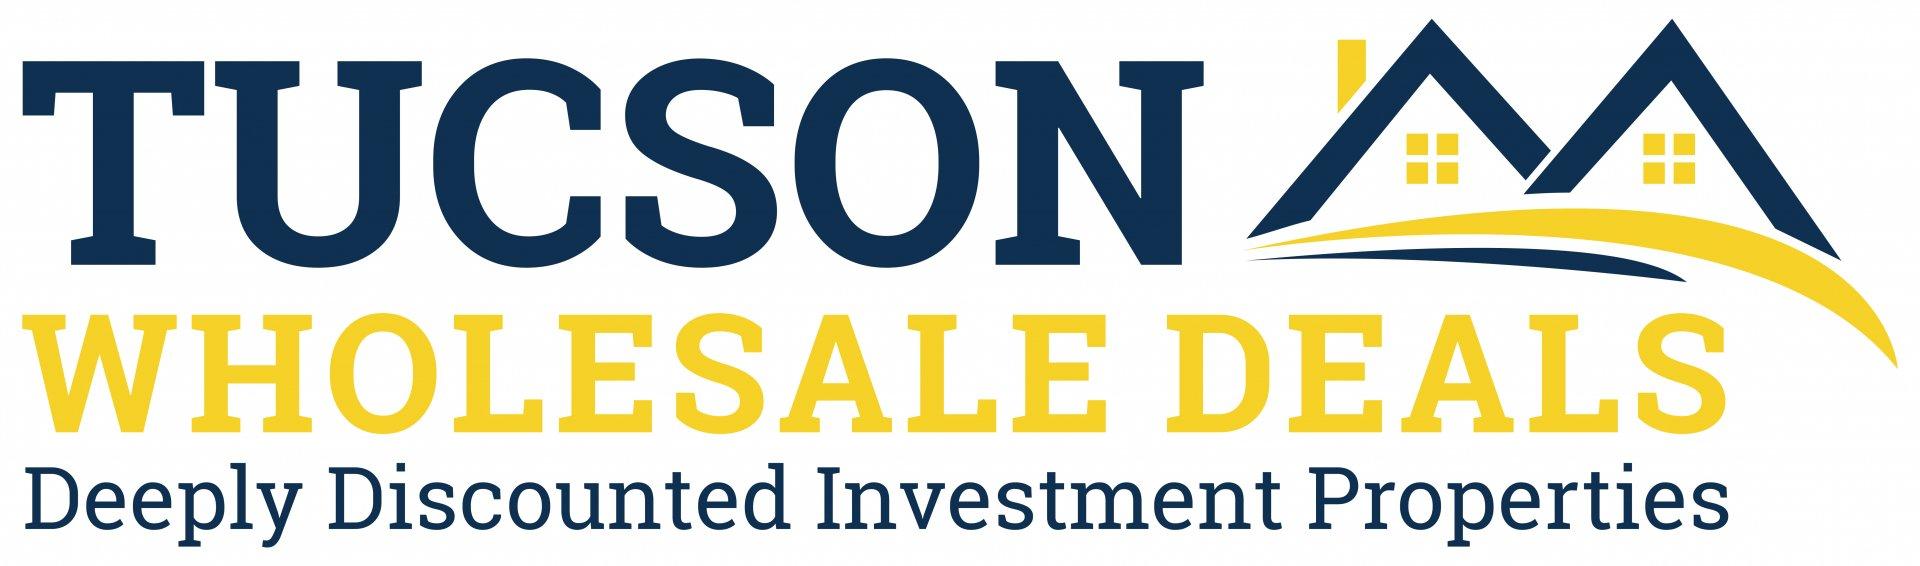 Tucson Wholesale Deals logo